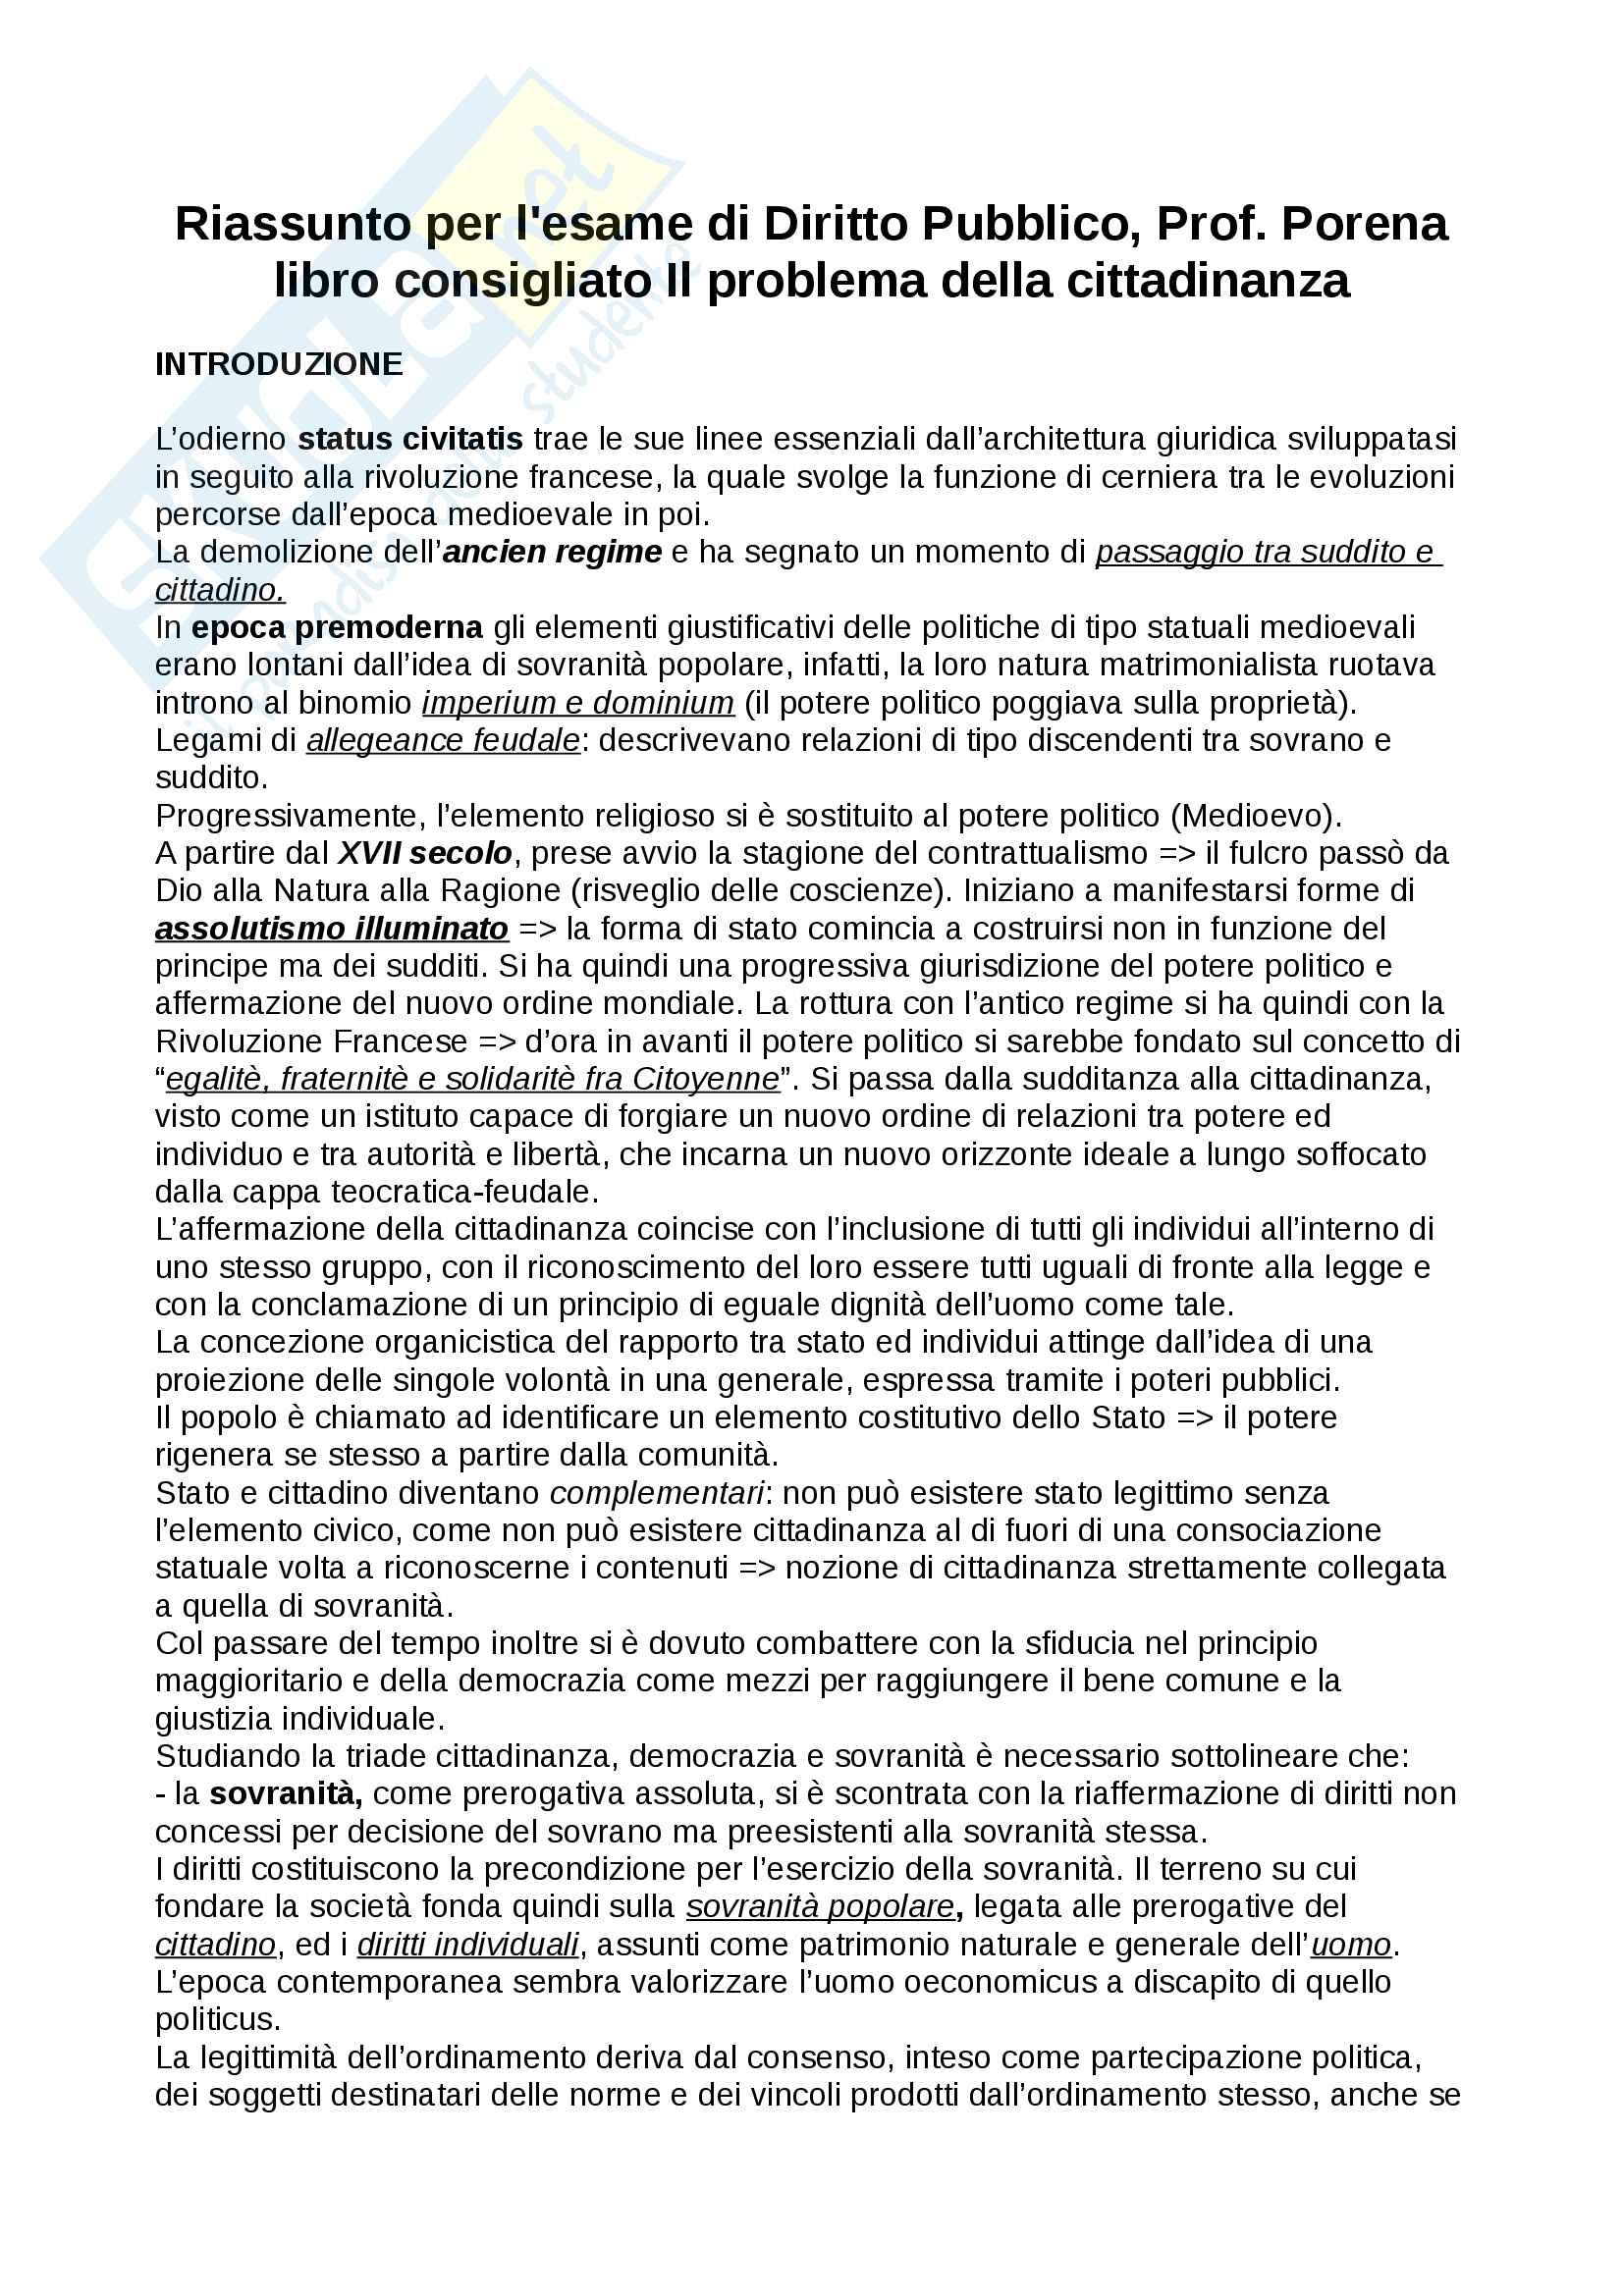 Riassunto per l'esame di istituzioni di Diritto Pubblico, Prof. Porena, libro consigliato Il problema della cittadinanza